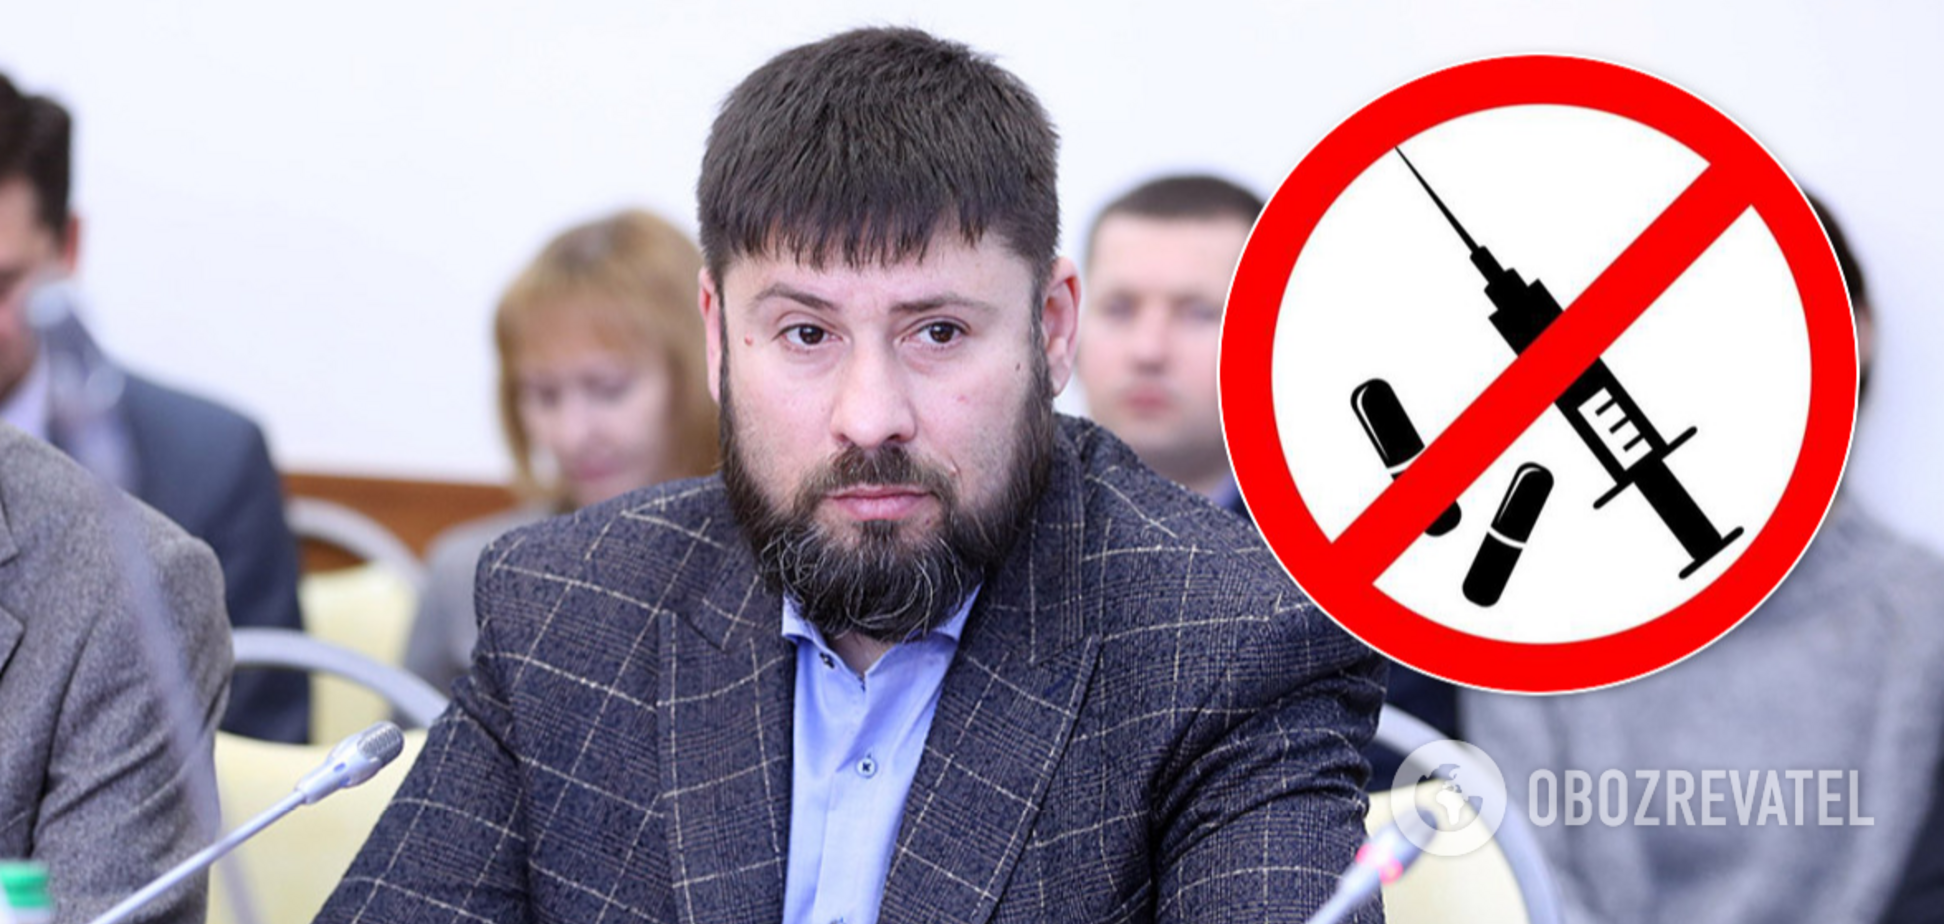 МВС анонсувало гучні зміни наркополітики в Україні